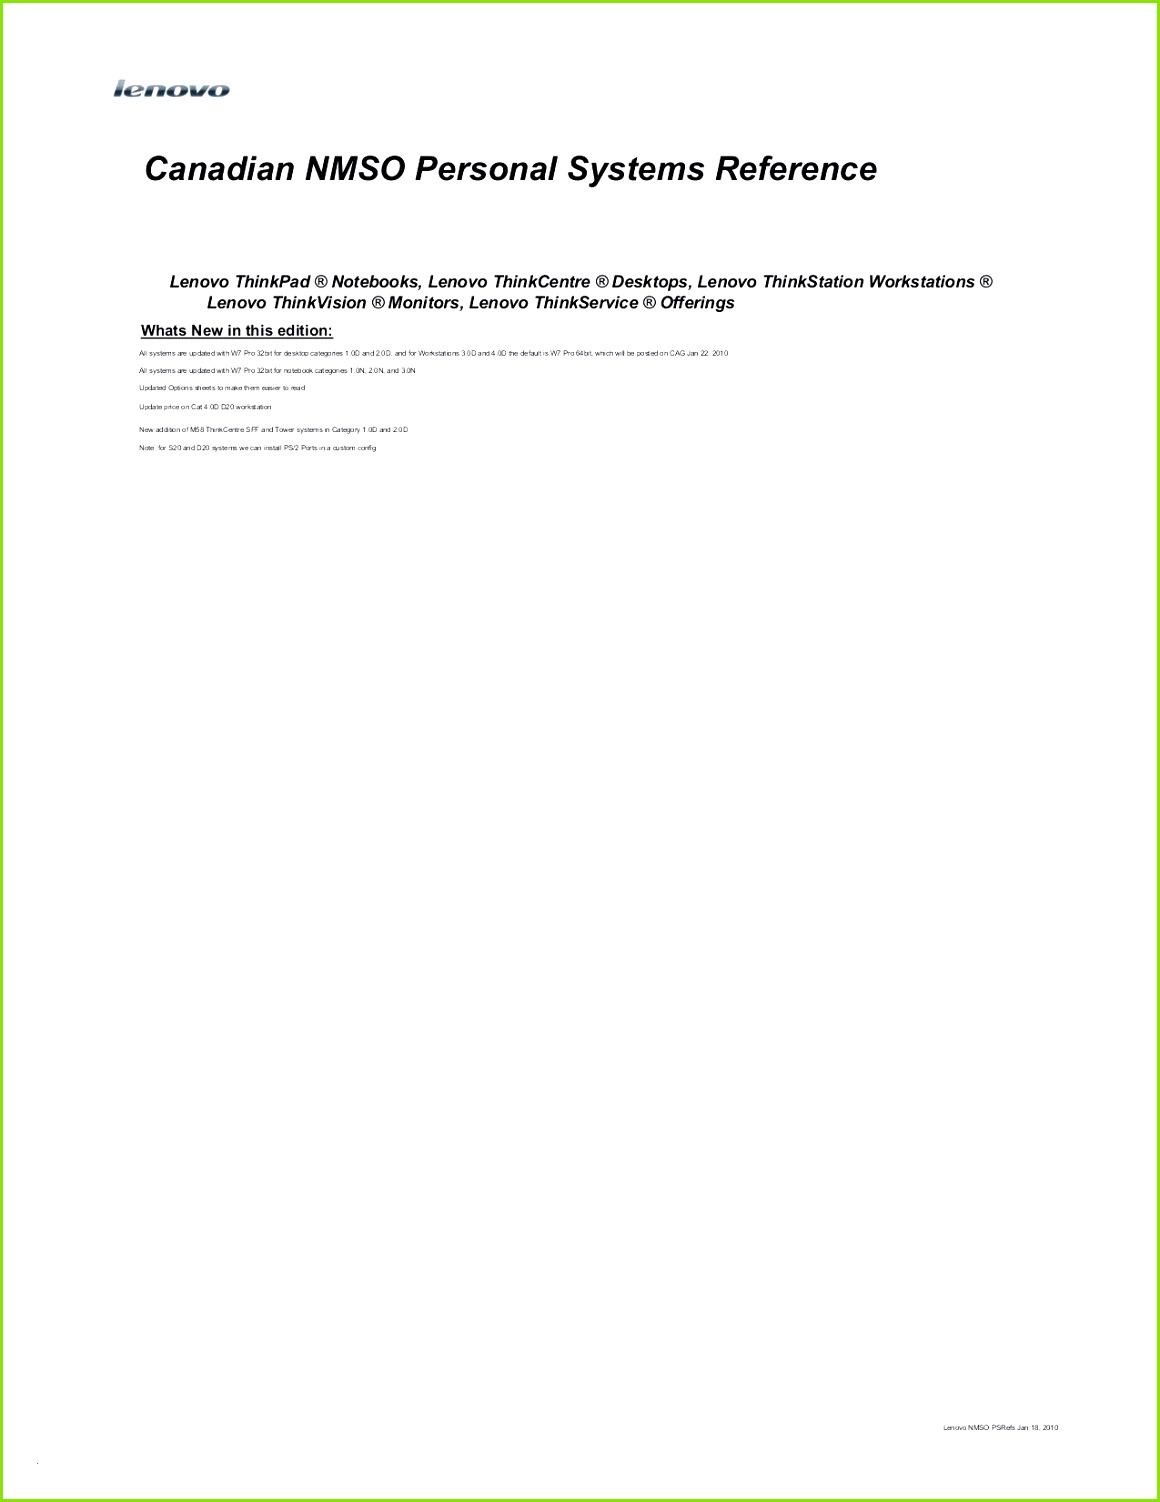 Bewerbung Deckblatt Vorlage Openoffice Luxury Bewerbung Deckblatt Vorlage Openoffice Von